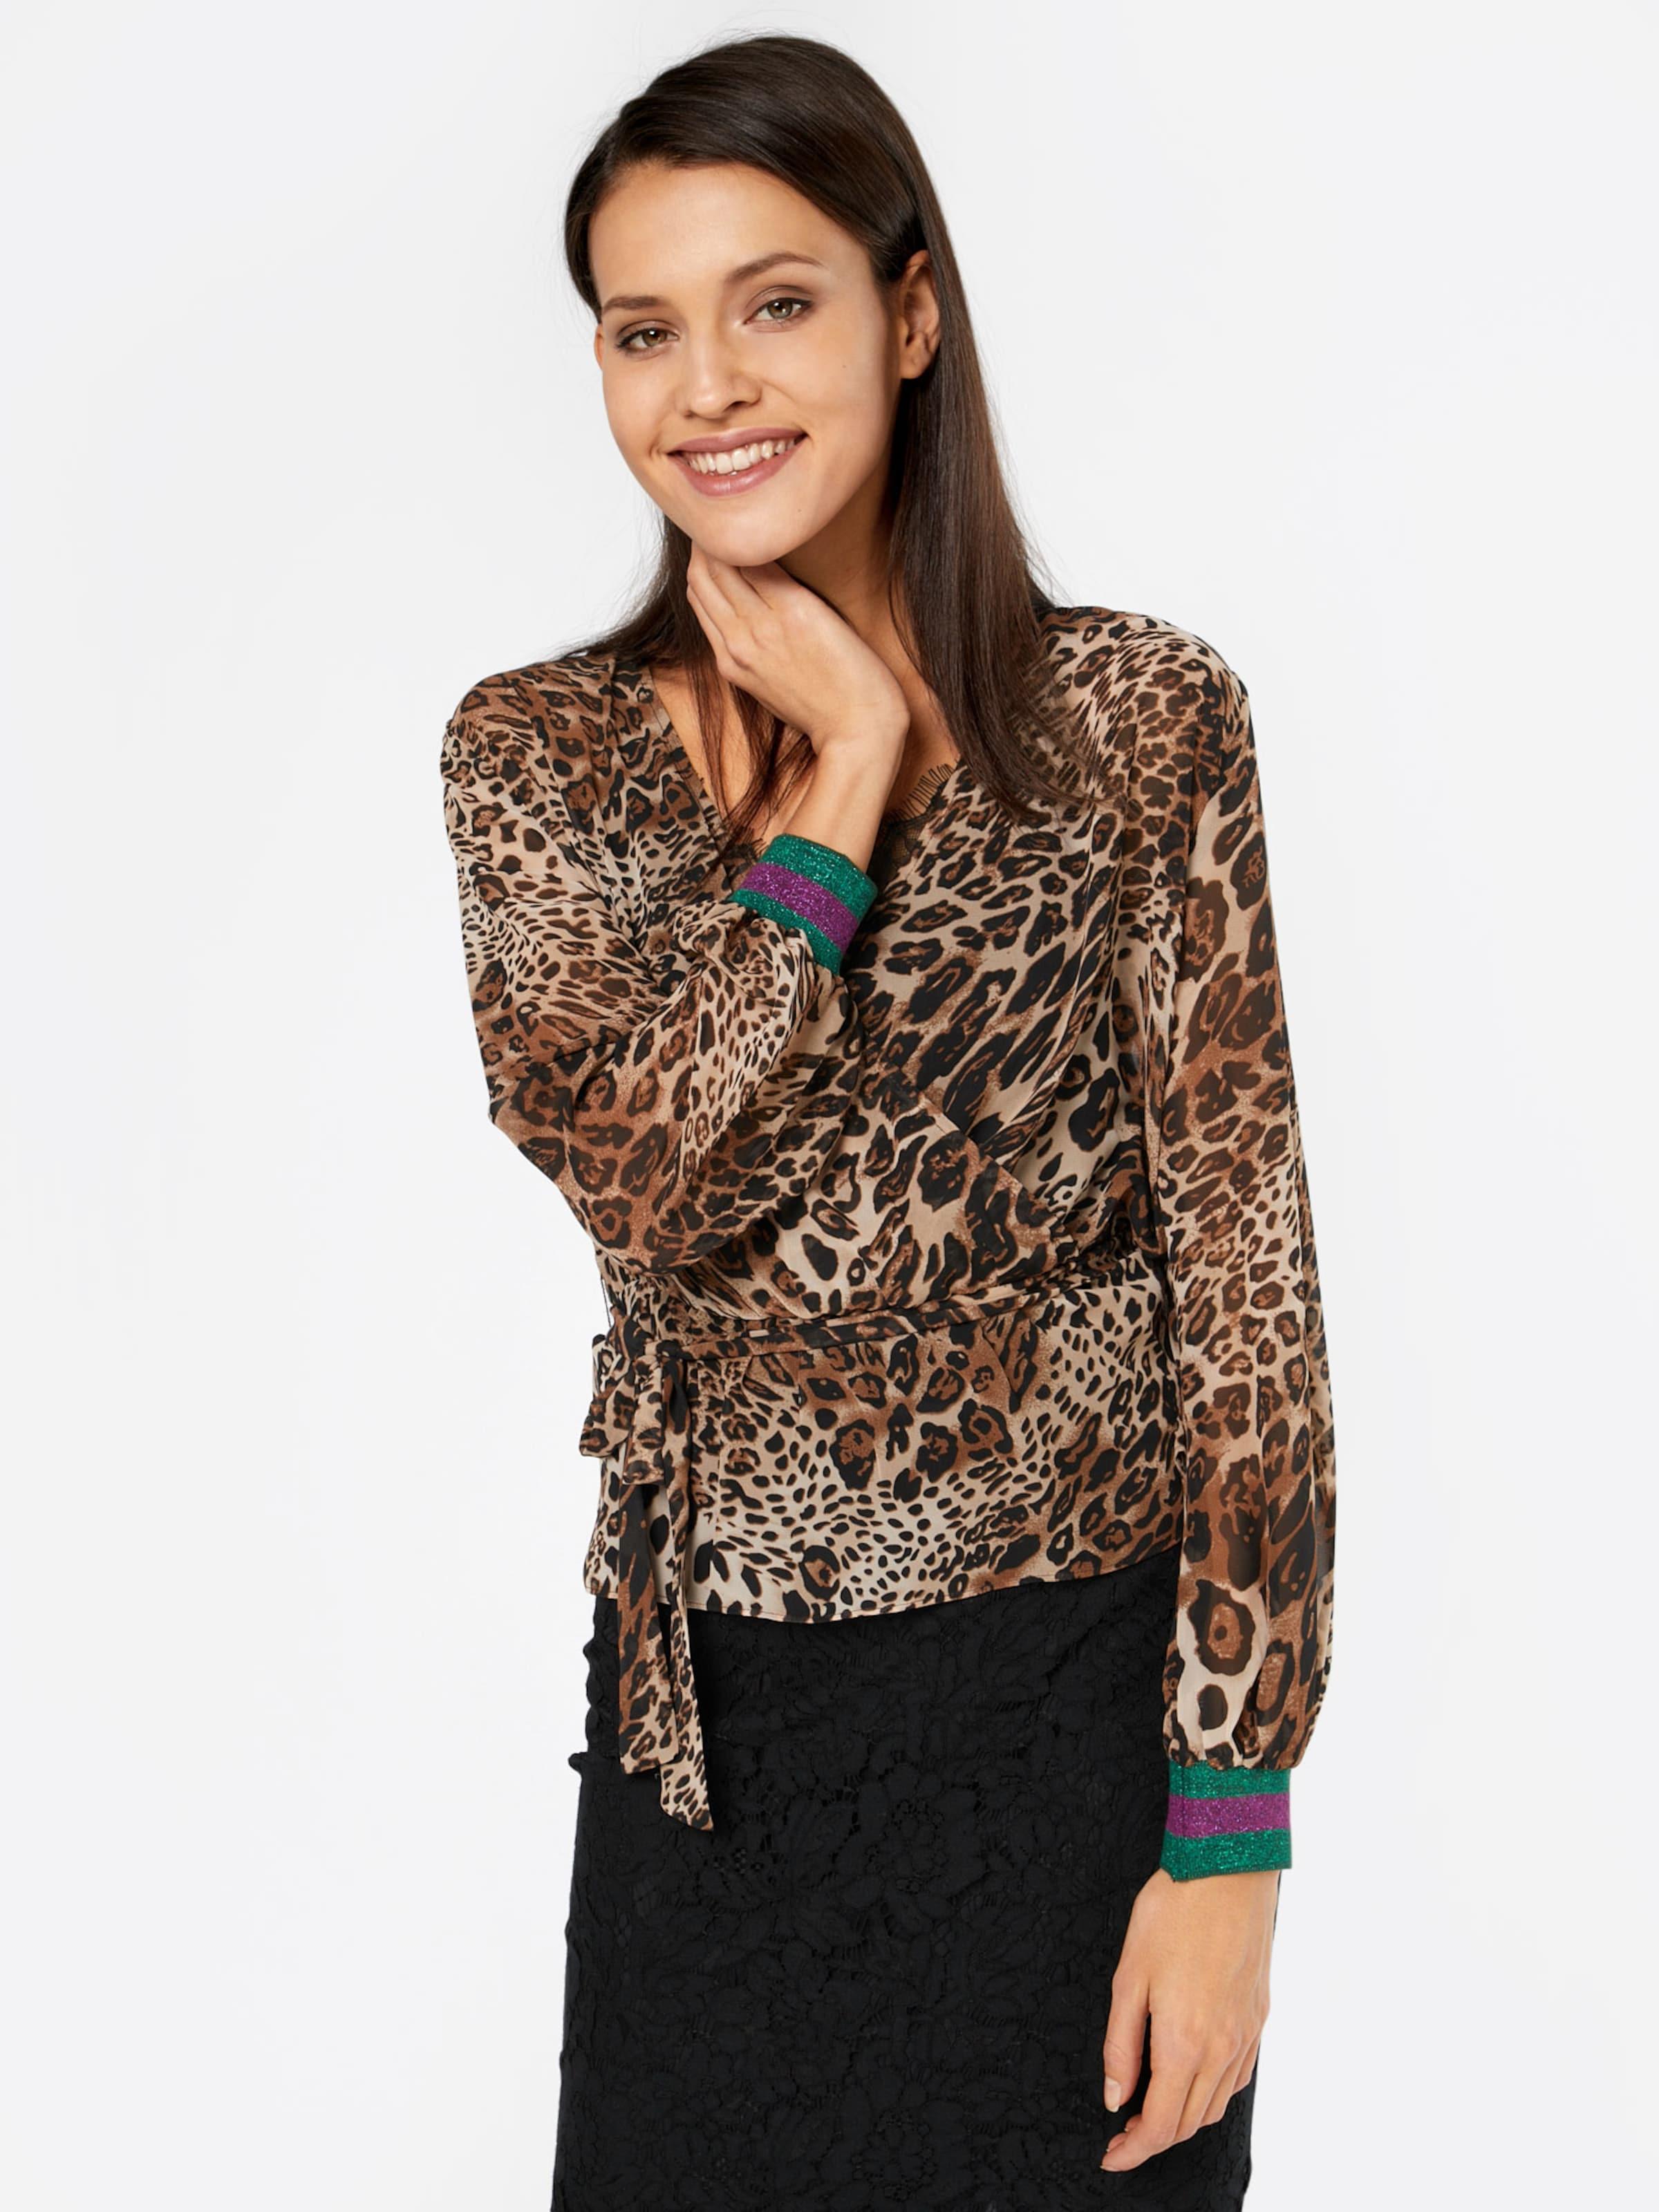 Offizielle Zum Verkauf Billig Verkauf Online-Shopping mbym Bluse 'Kaluna' Mit Paypal Verkauf Online Websites Online Zum Verkauf Rabatt Verkauf R4JcHbVj